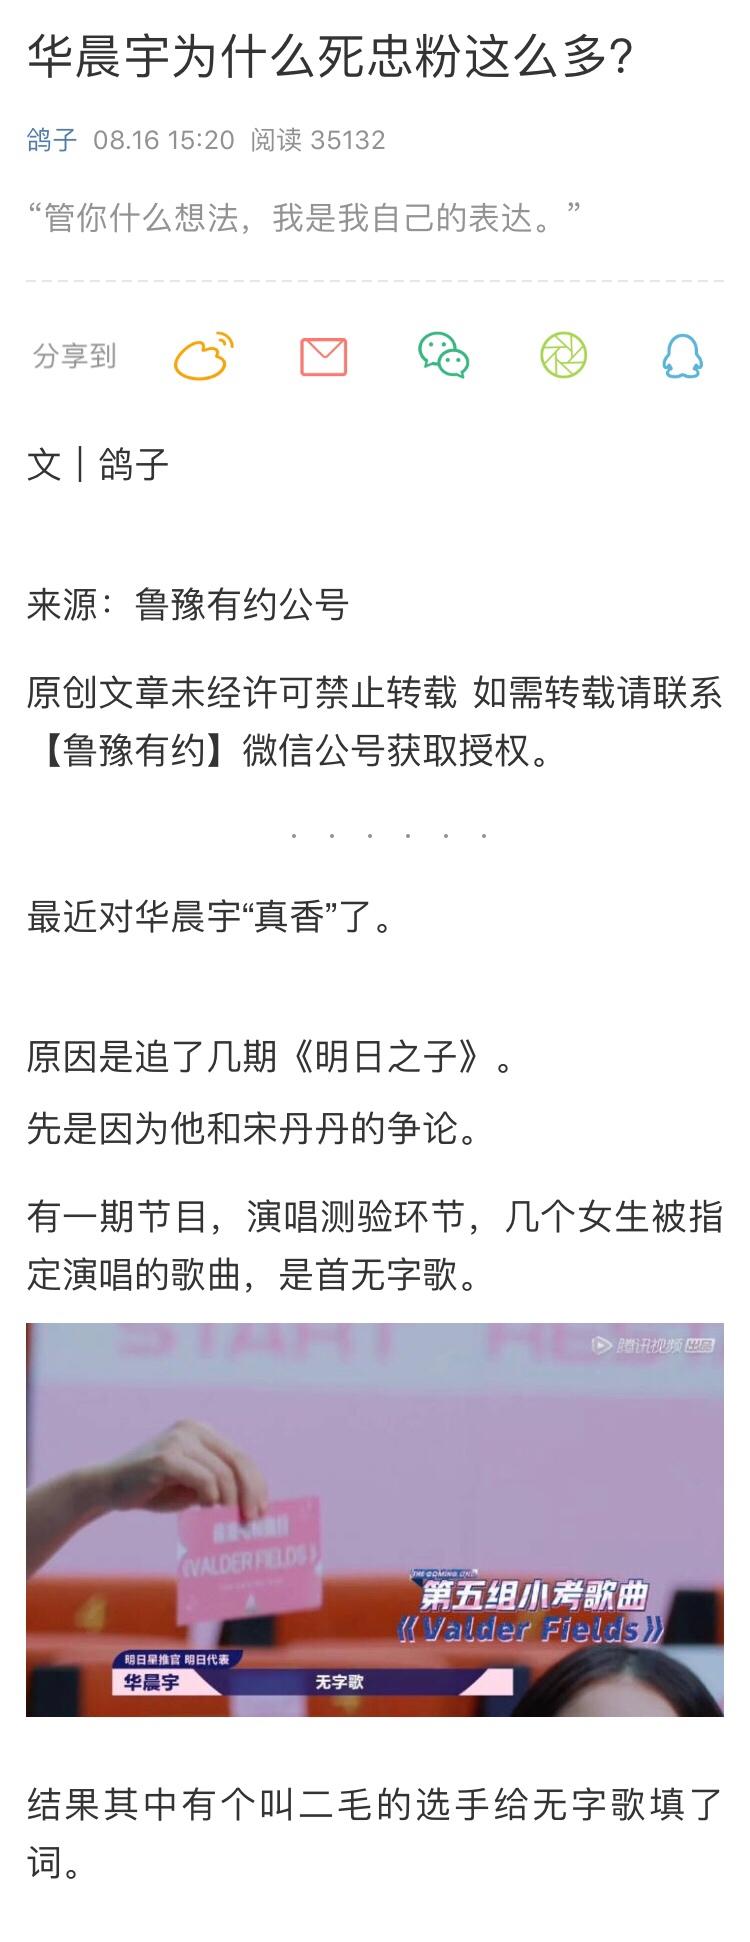 《快乐男声》冠军的华晨宇出道五年忠粉为什么这么多?